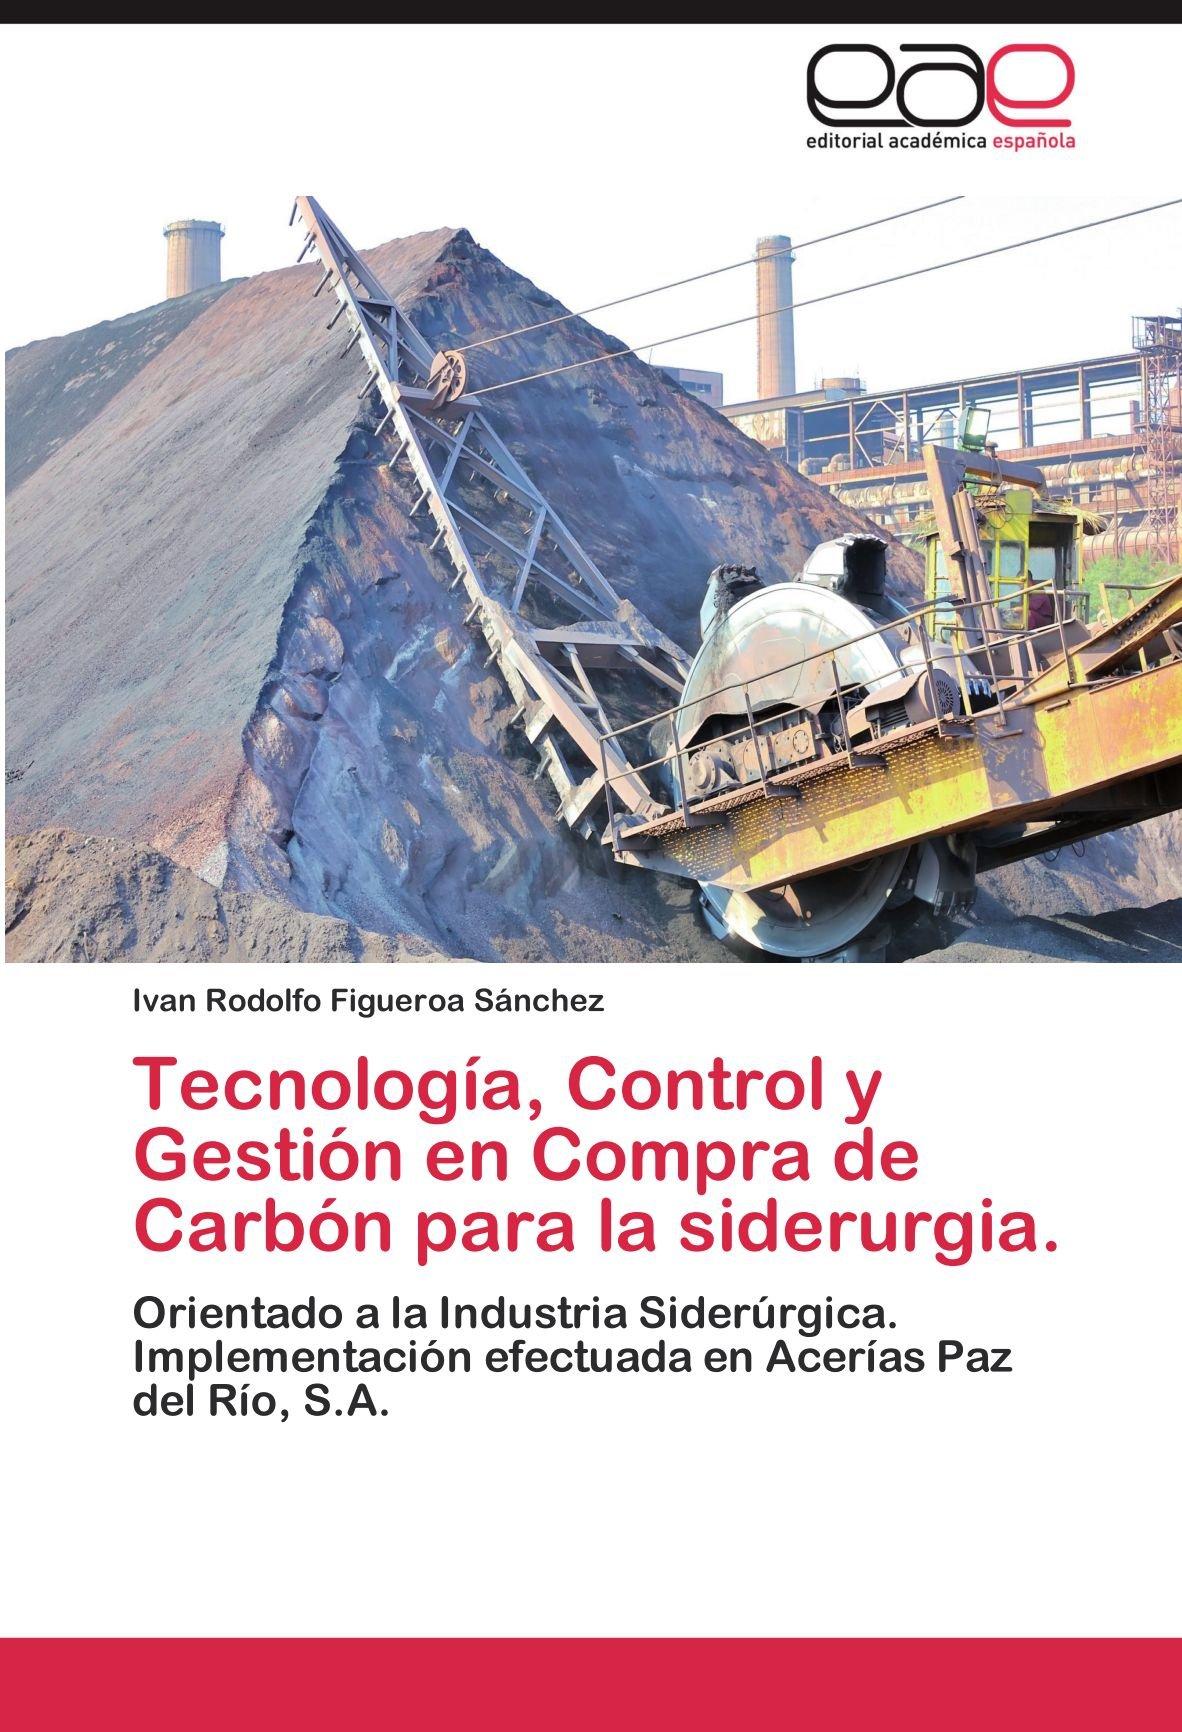 Tecnologia, Control y Gestion En Compra de Carbon Para La Siderurgia.: Amazon.es: Ivan Rodolfo Figueroa S. Nchez: Libros